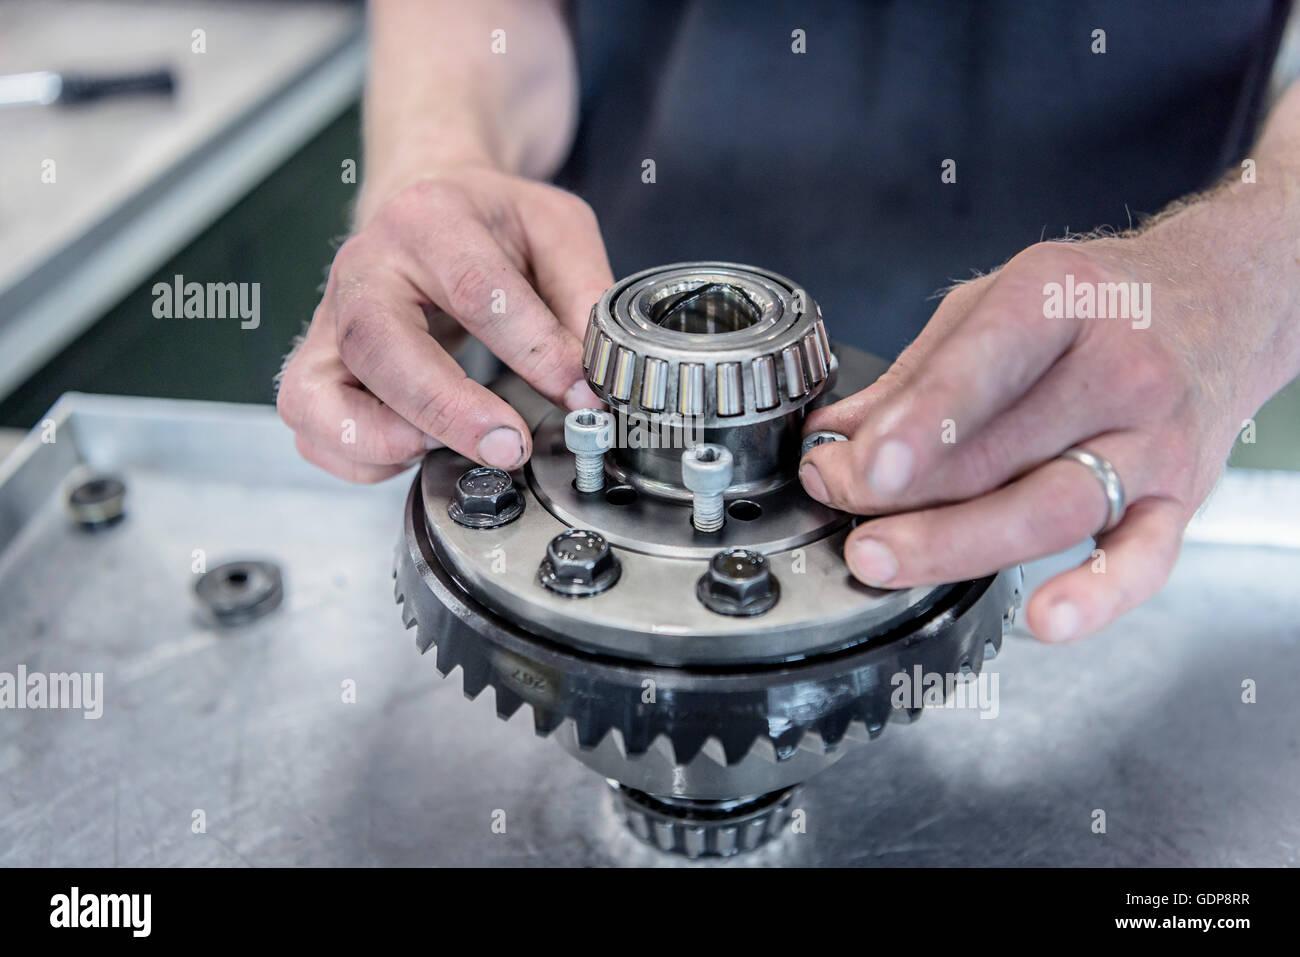 L'assemblage de l'ingénieur dans l'usine de voiture de course Photo Stock